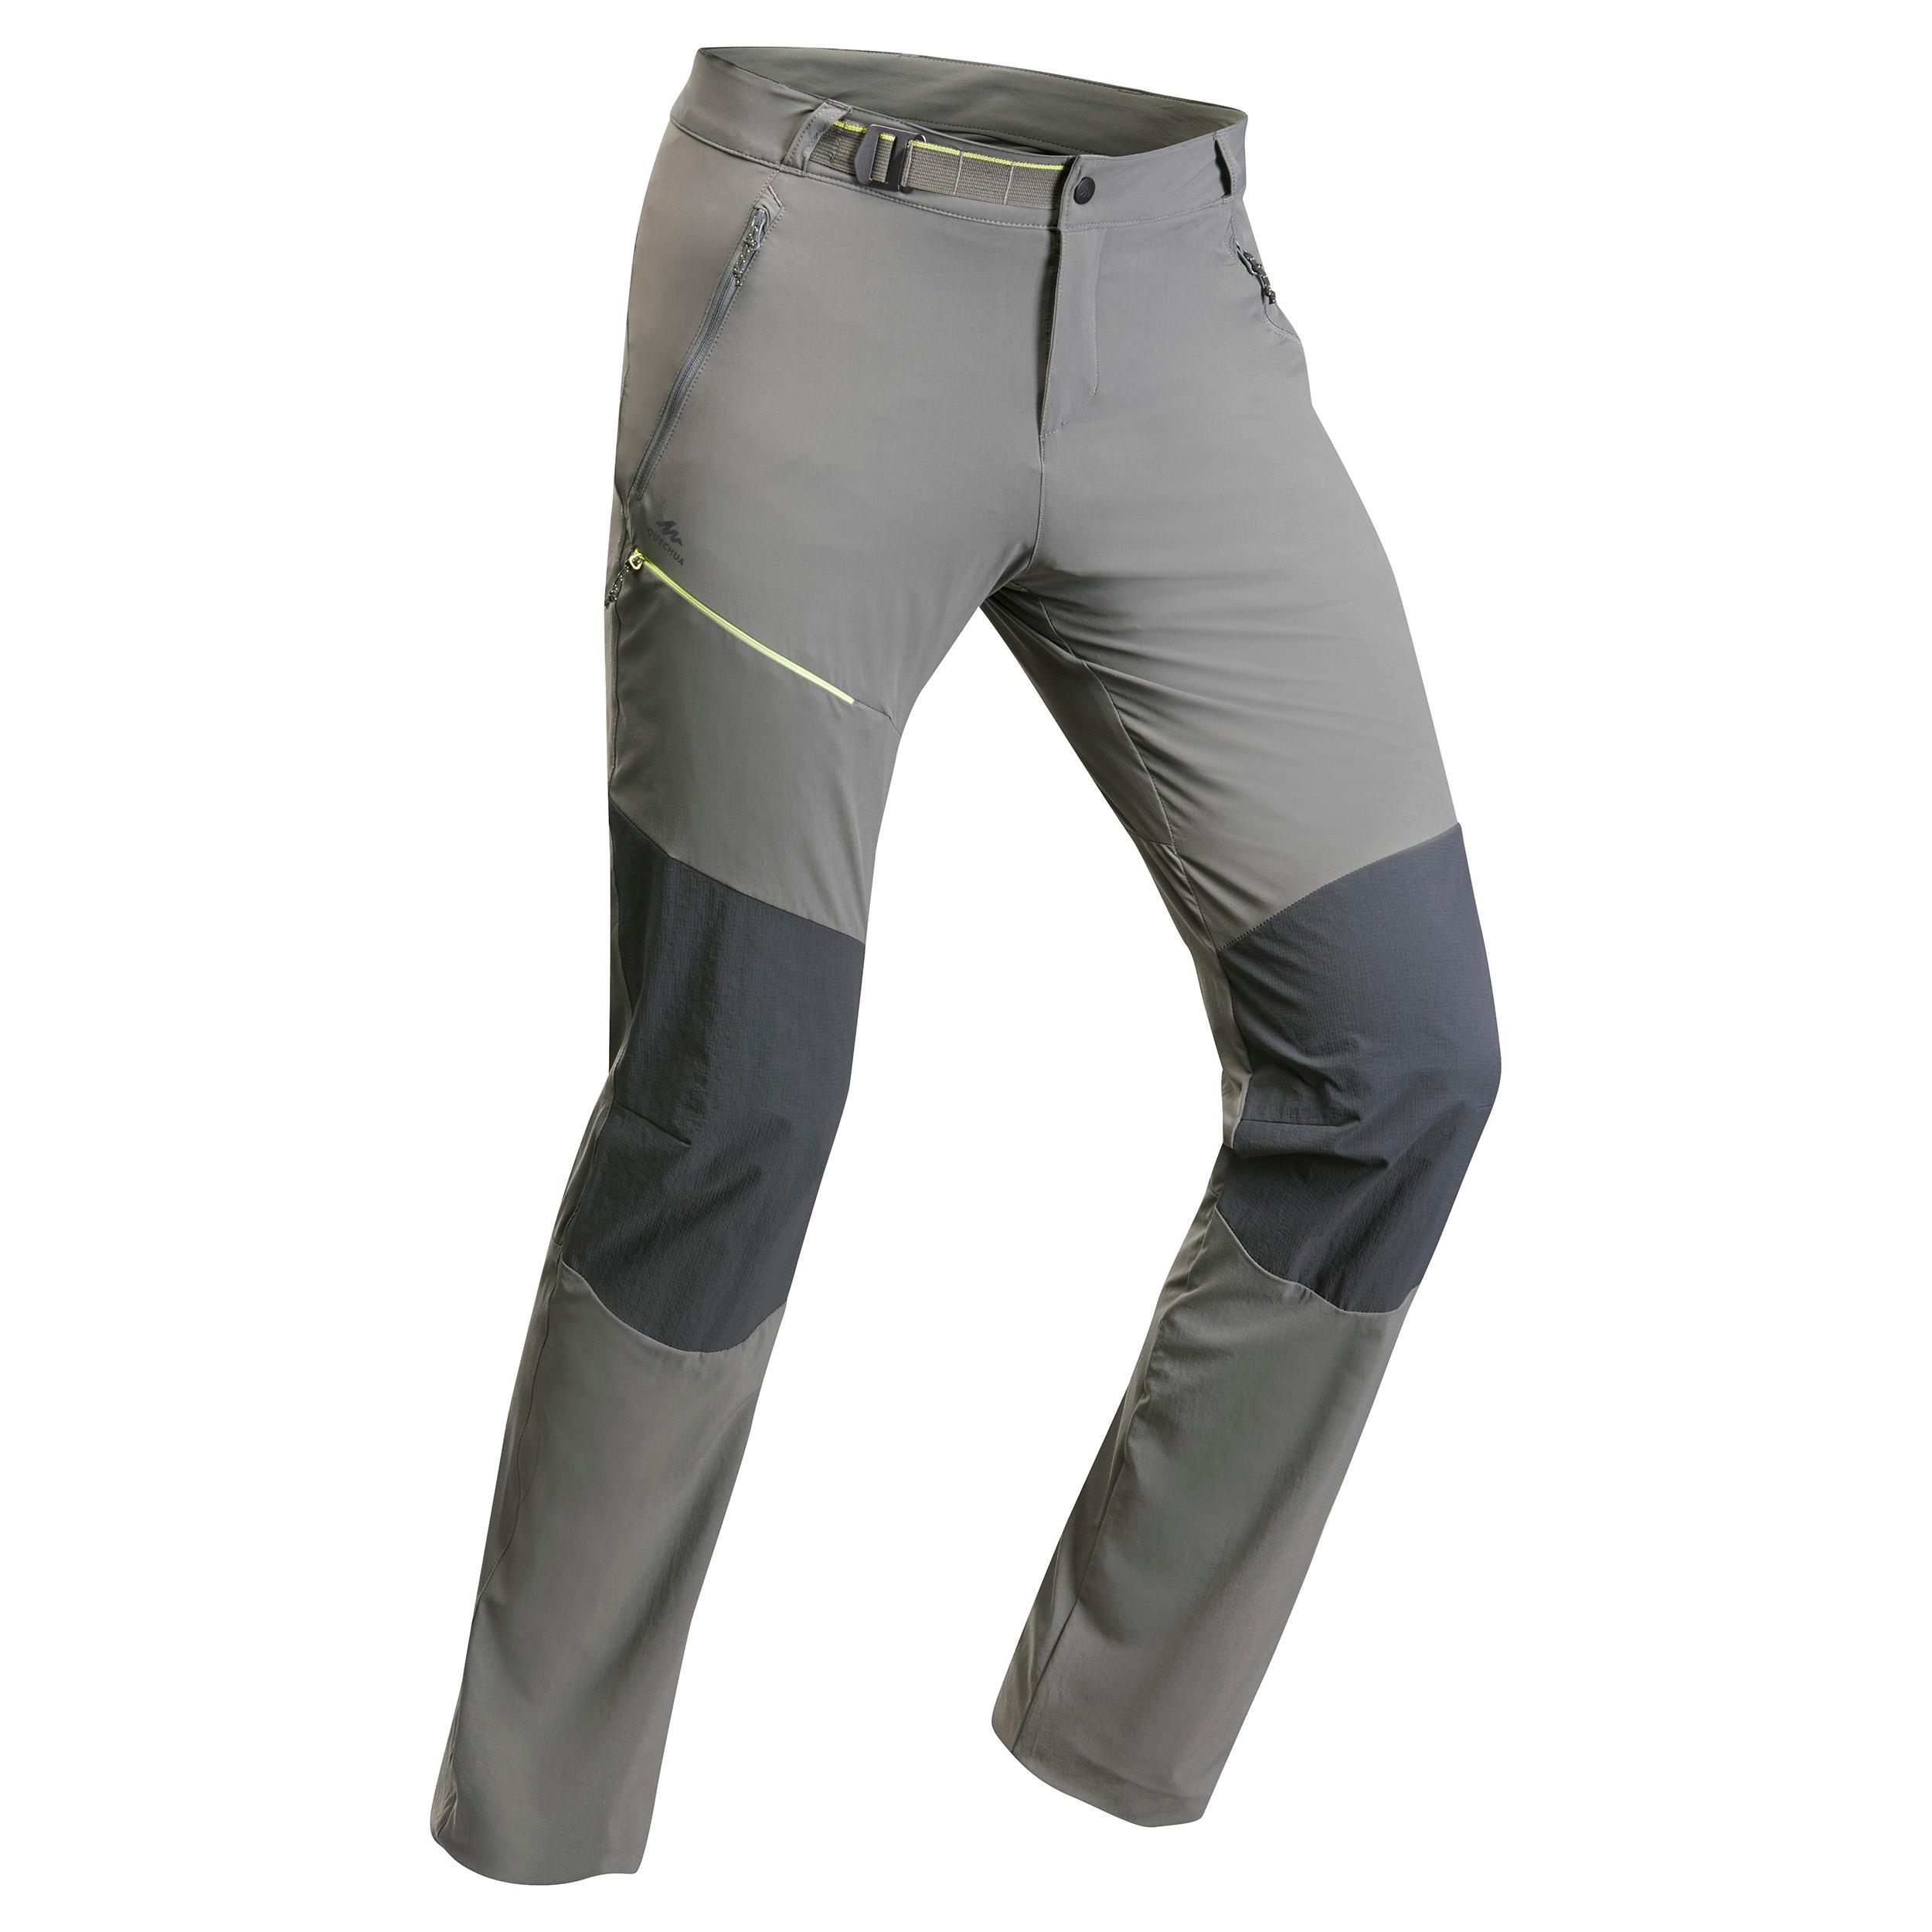 Comprar Pantalon De Montana Y Trekking Quechua Mh 500 Hombre Decathlon